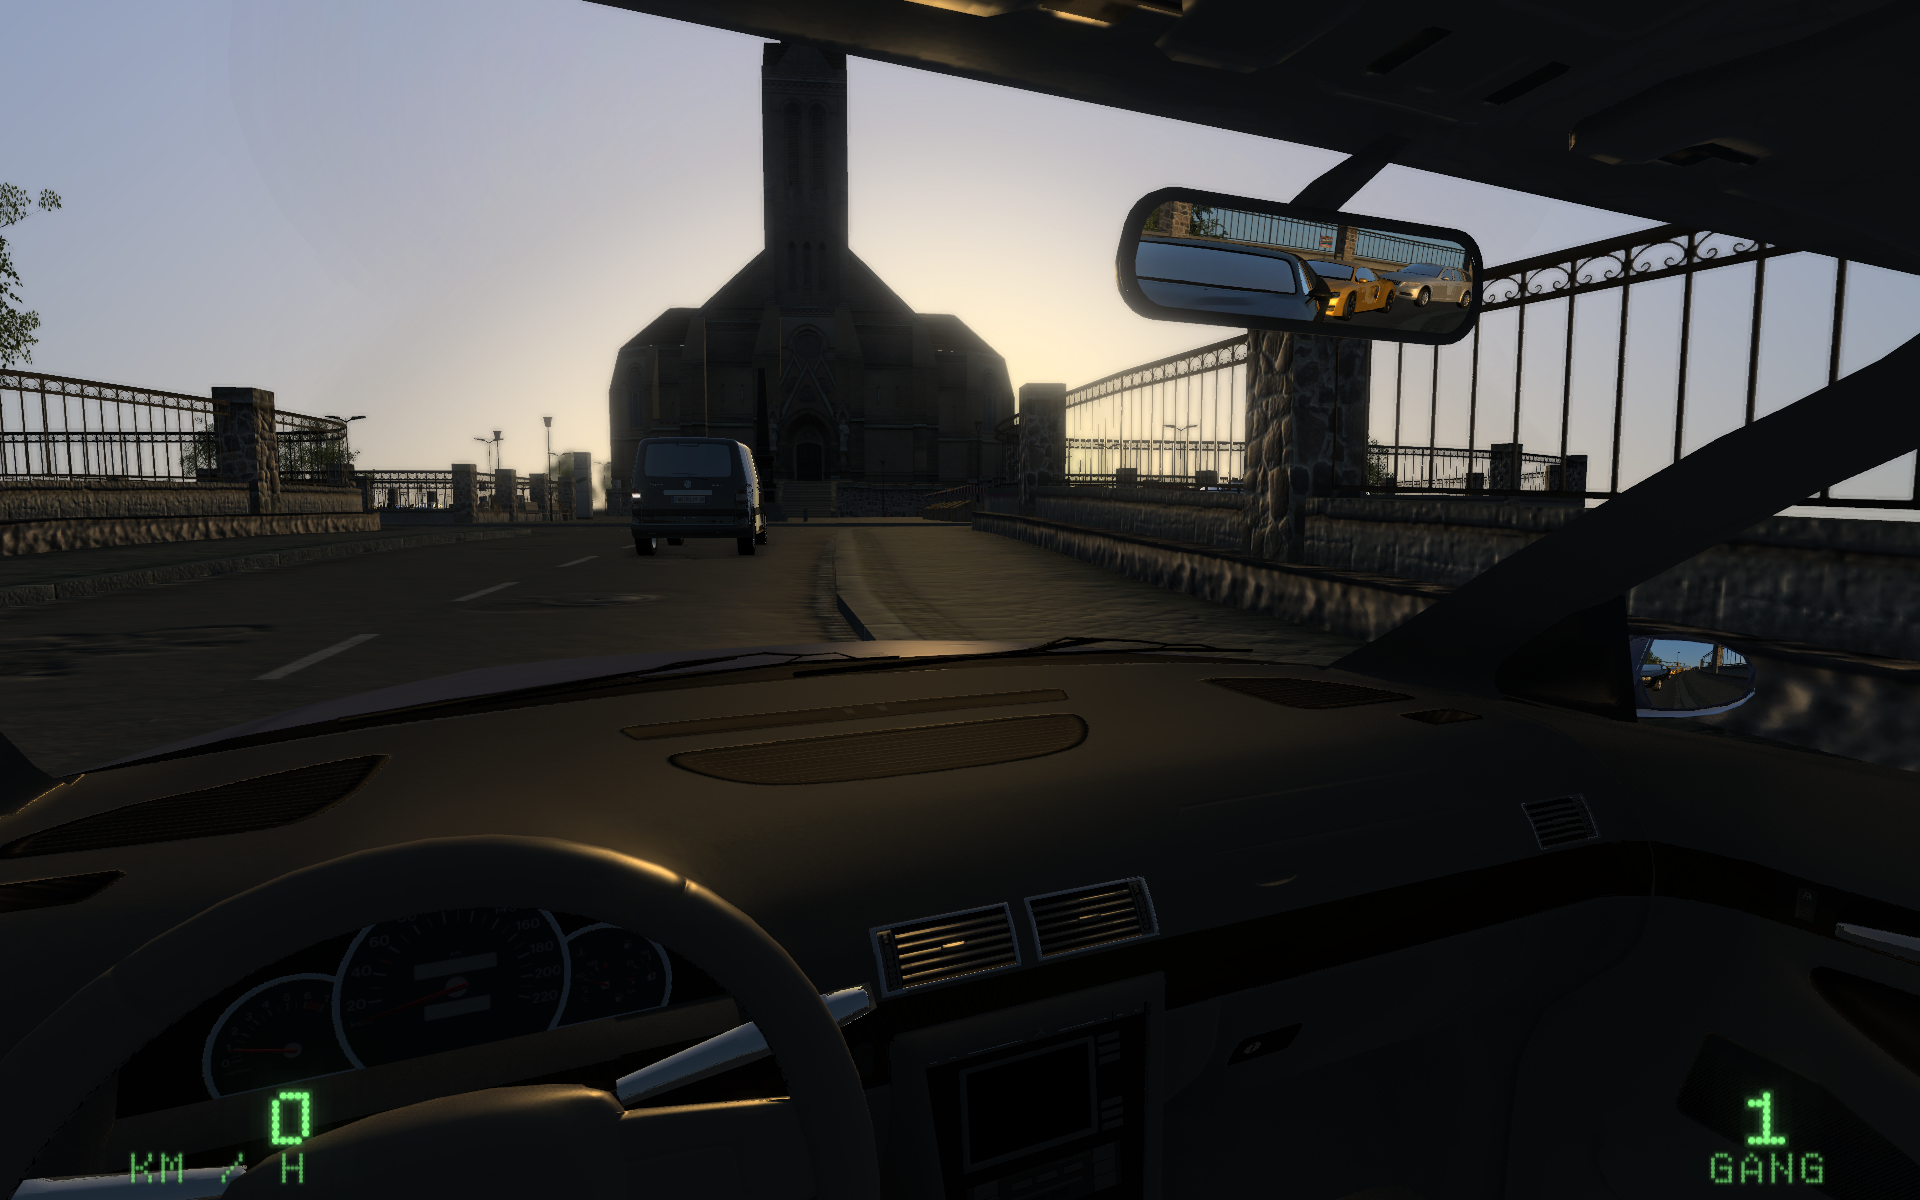 Driving Simulator 2011 Full